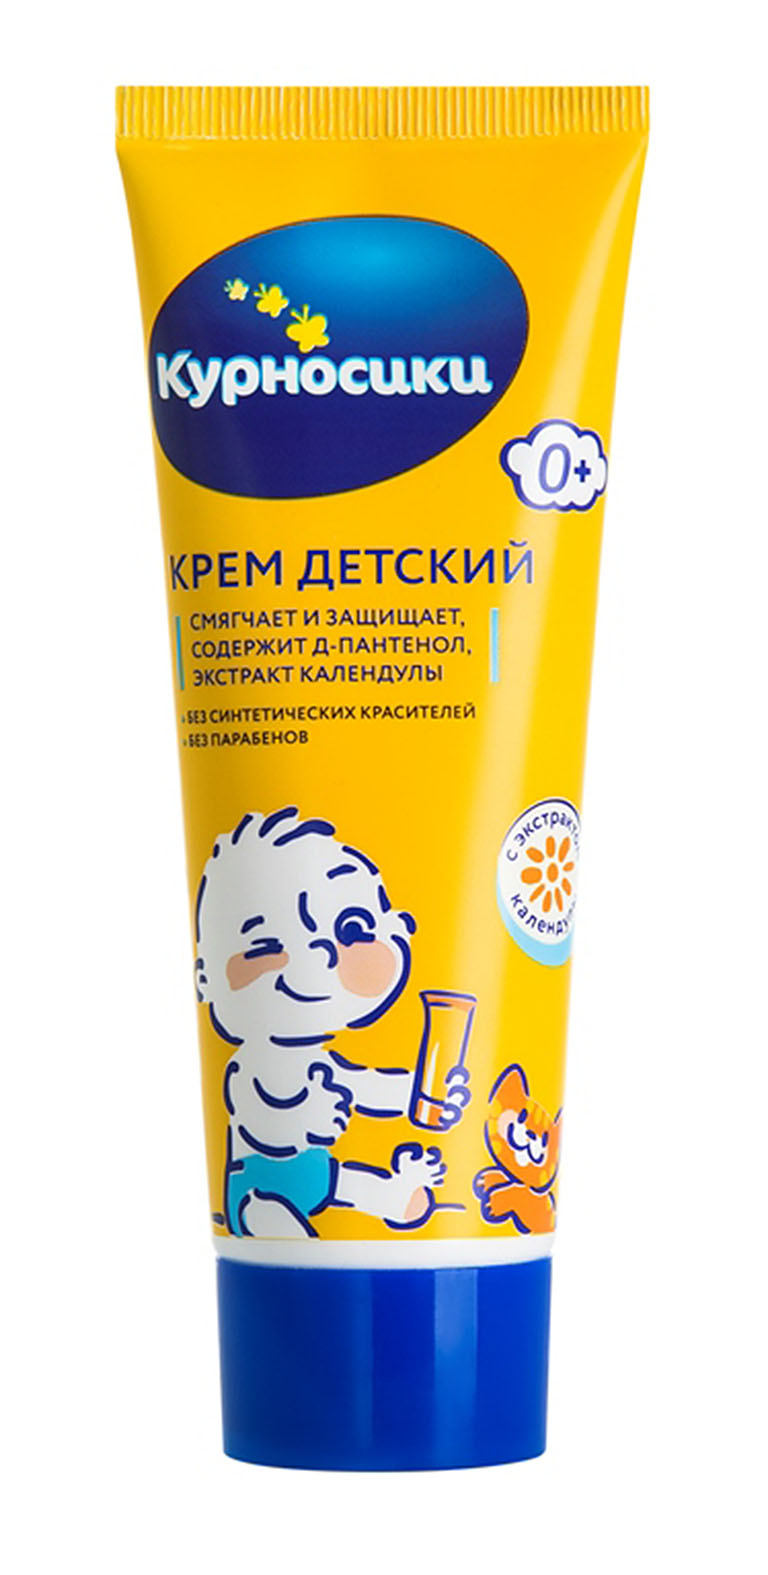 40324 Крем детский с экстрактом календулы 75мл